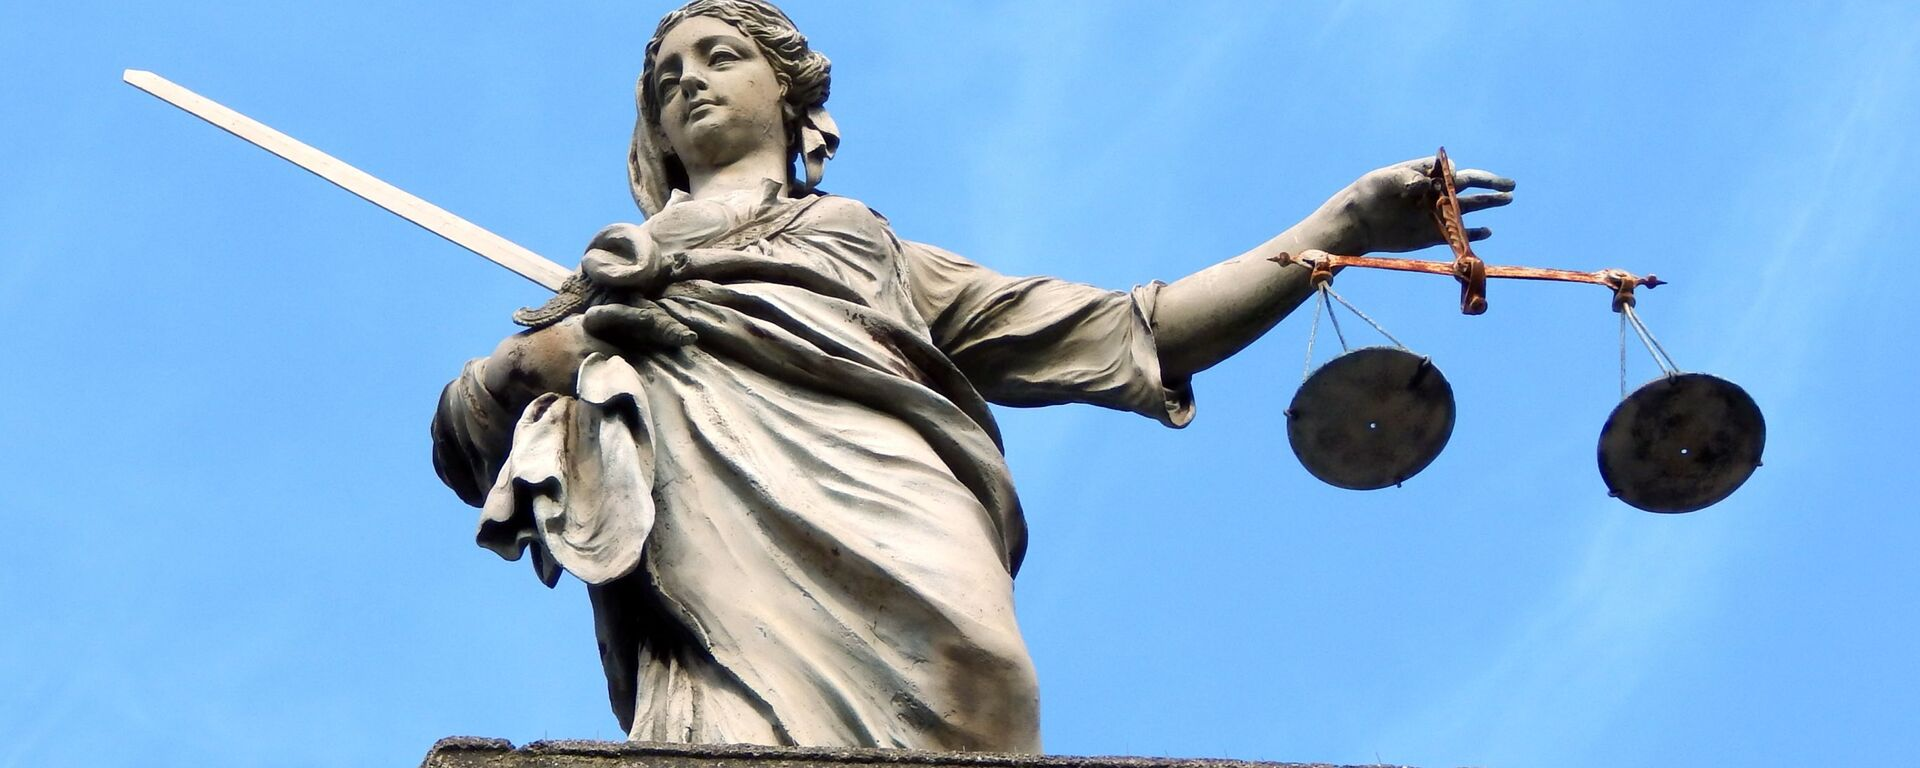 Justicia (imagen referencial) - Sputnik Mundo, 1920, 16.03.2021